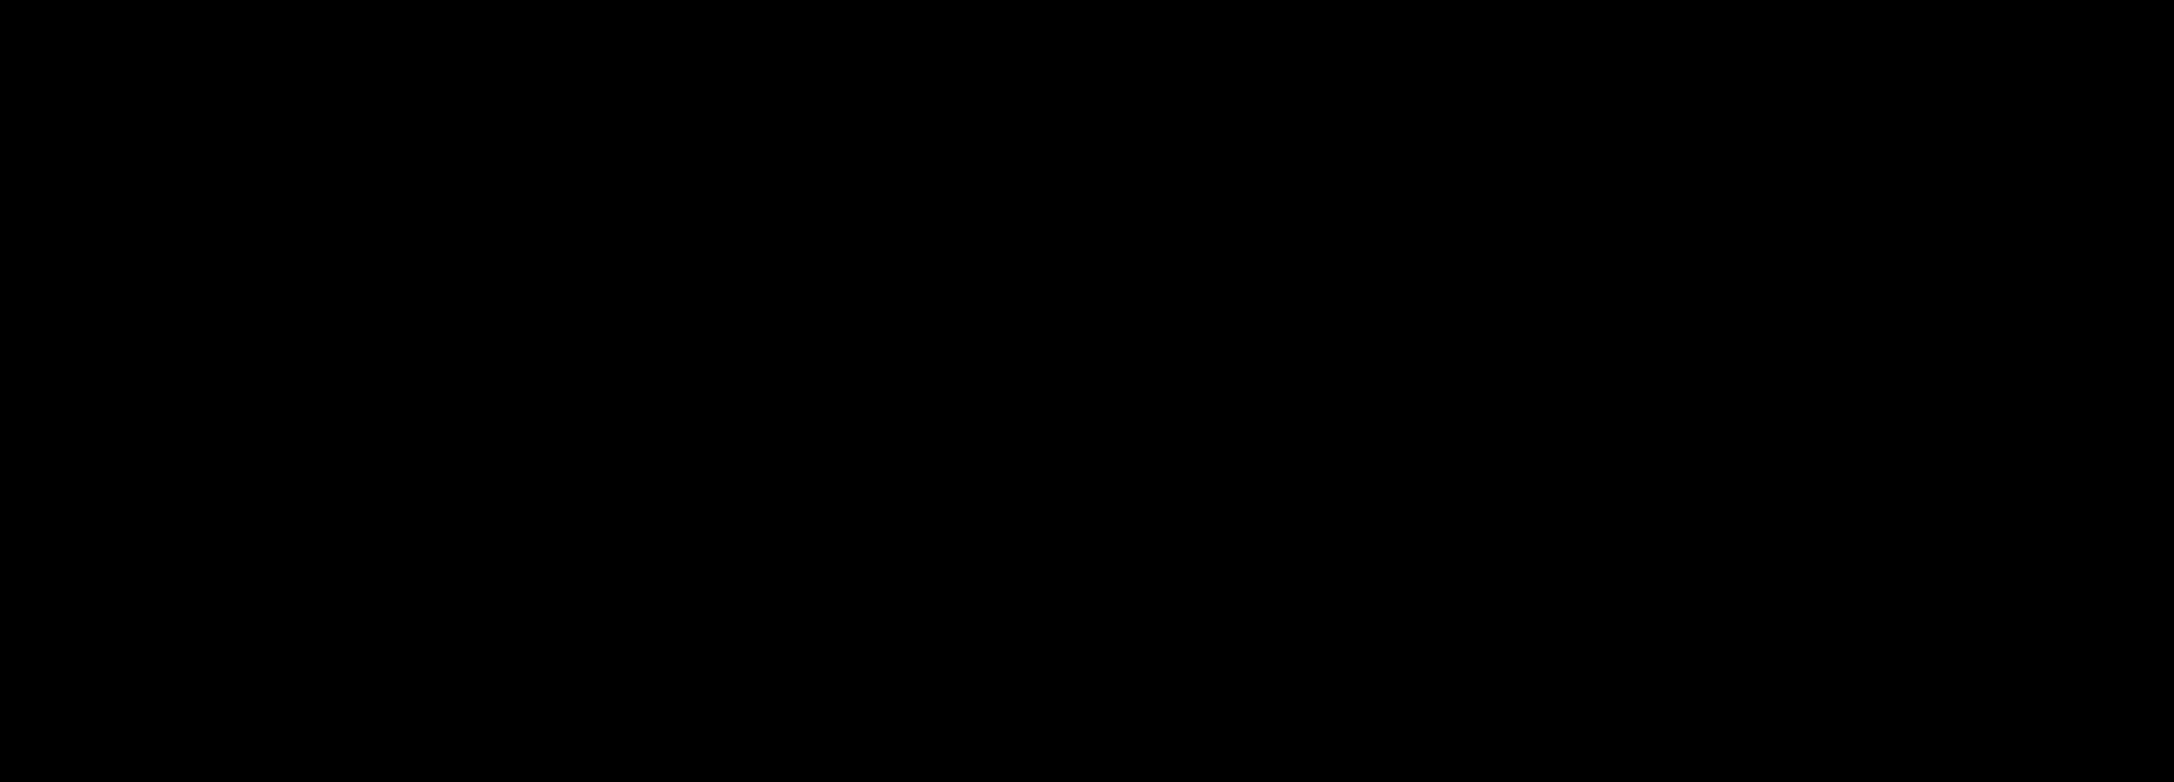 Fmoc-L-Lys(Biotin)-OH